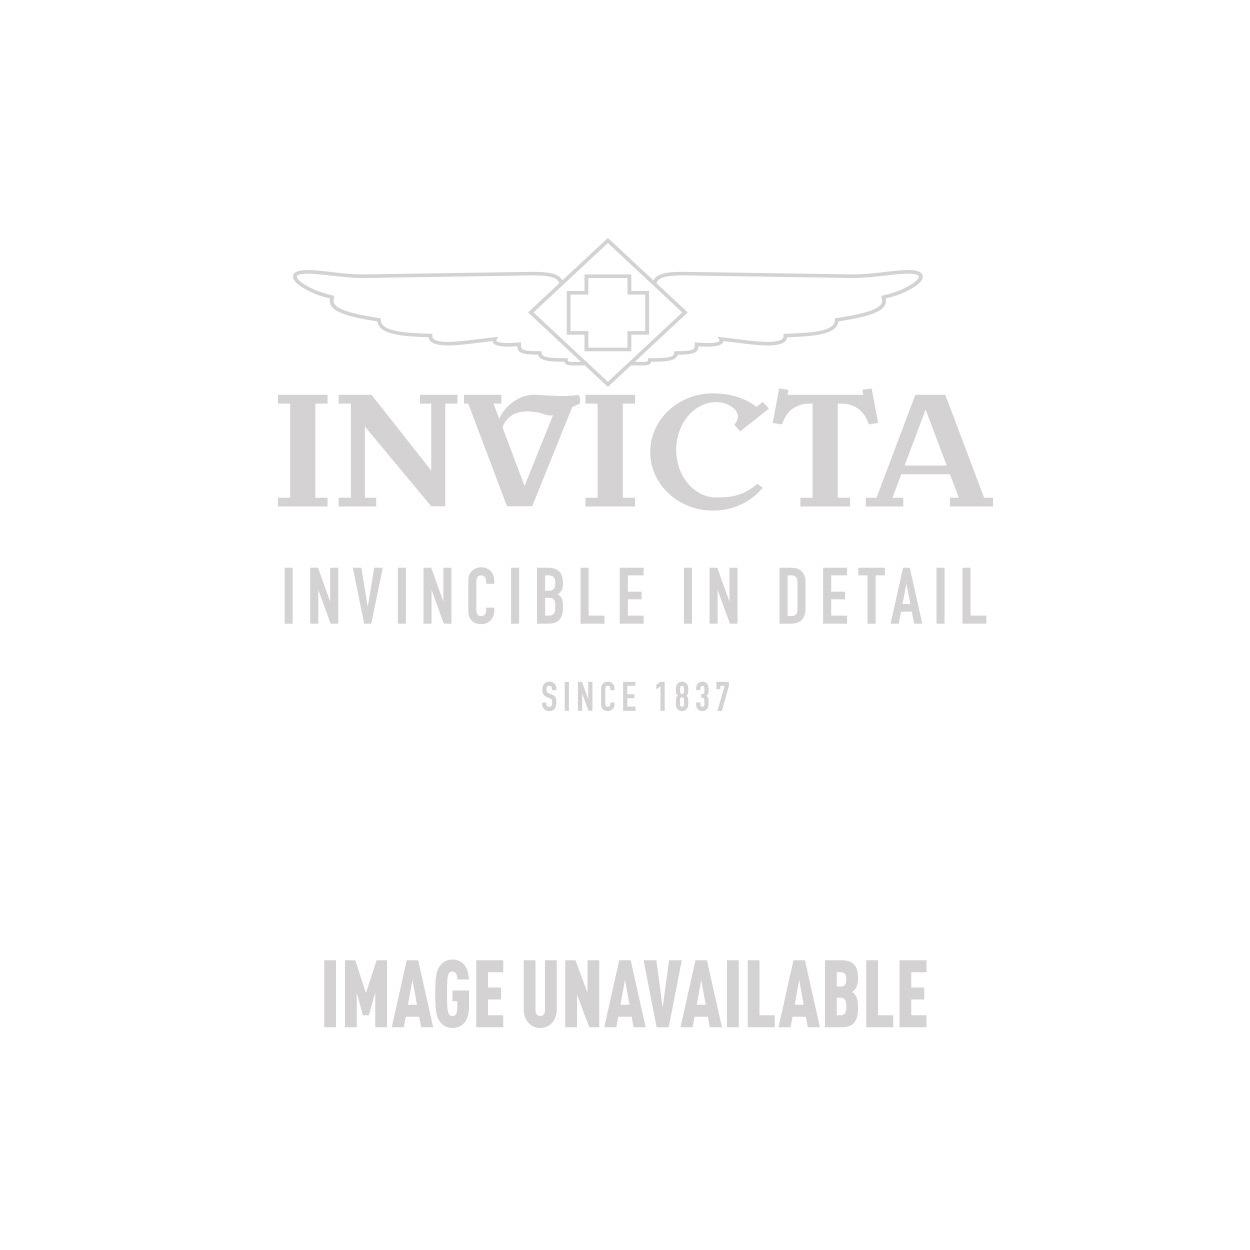 Invicta Model 29668